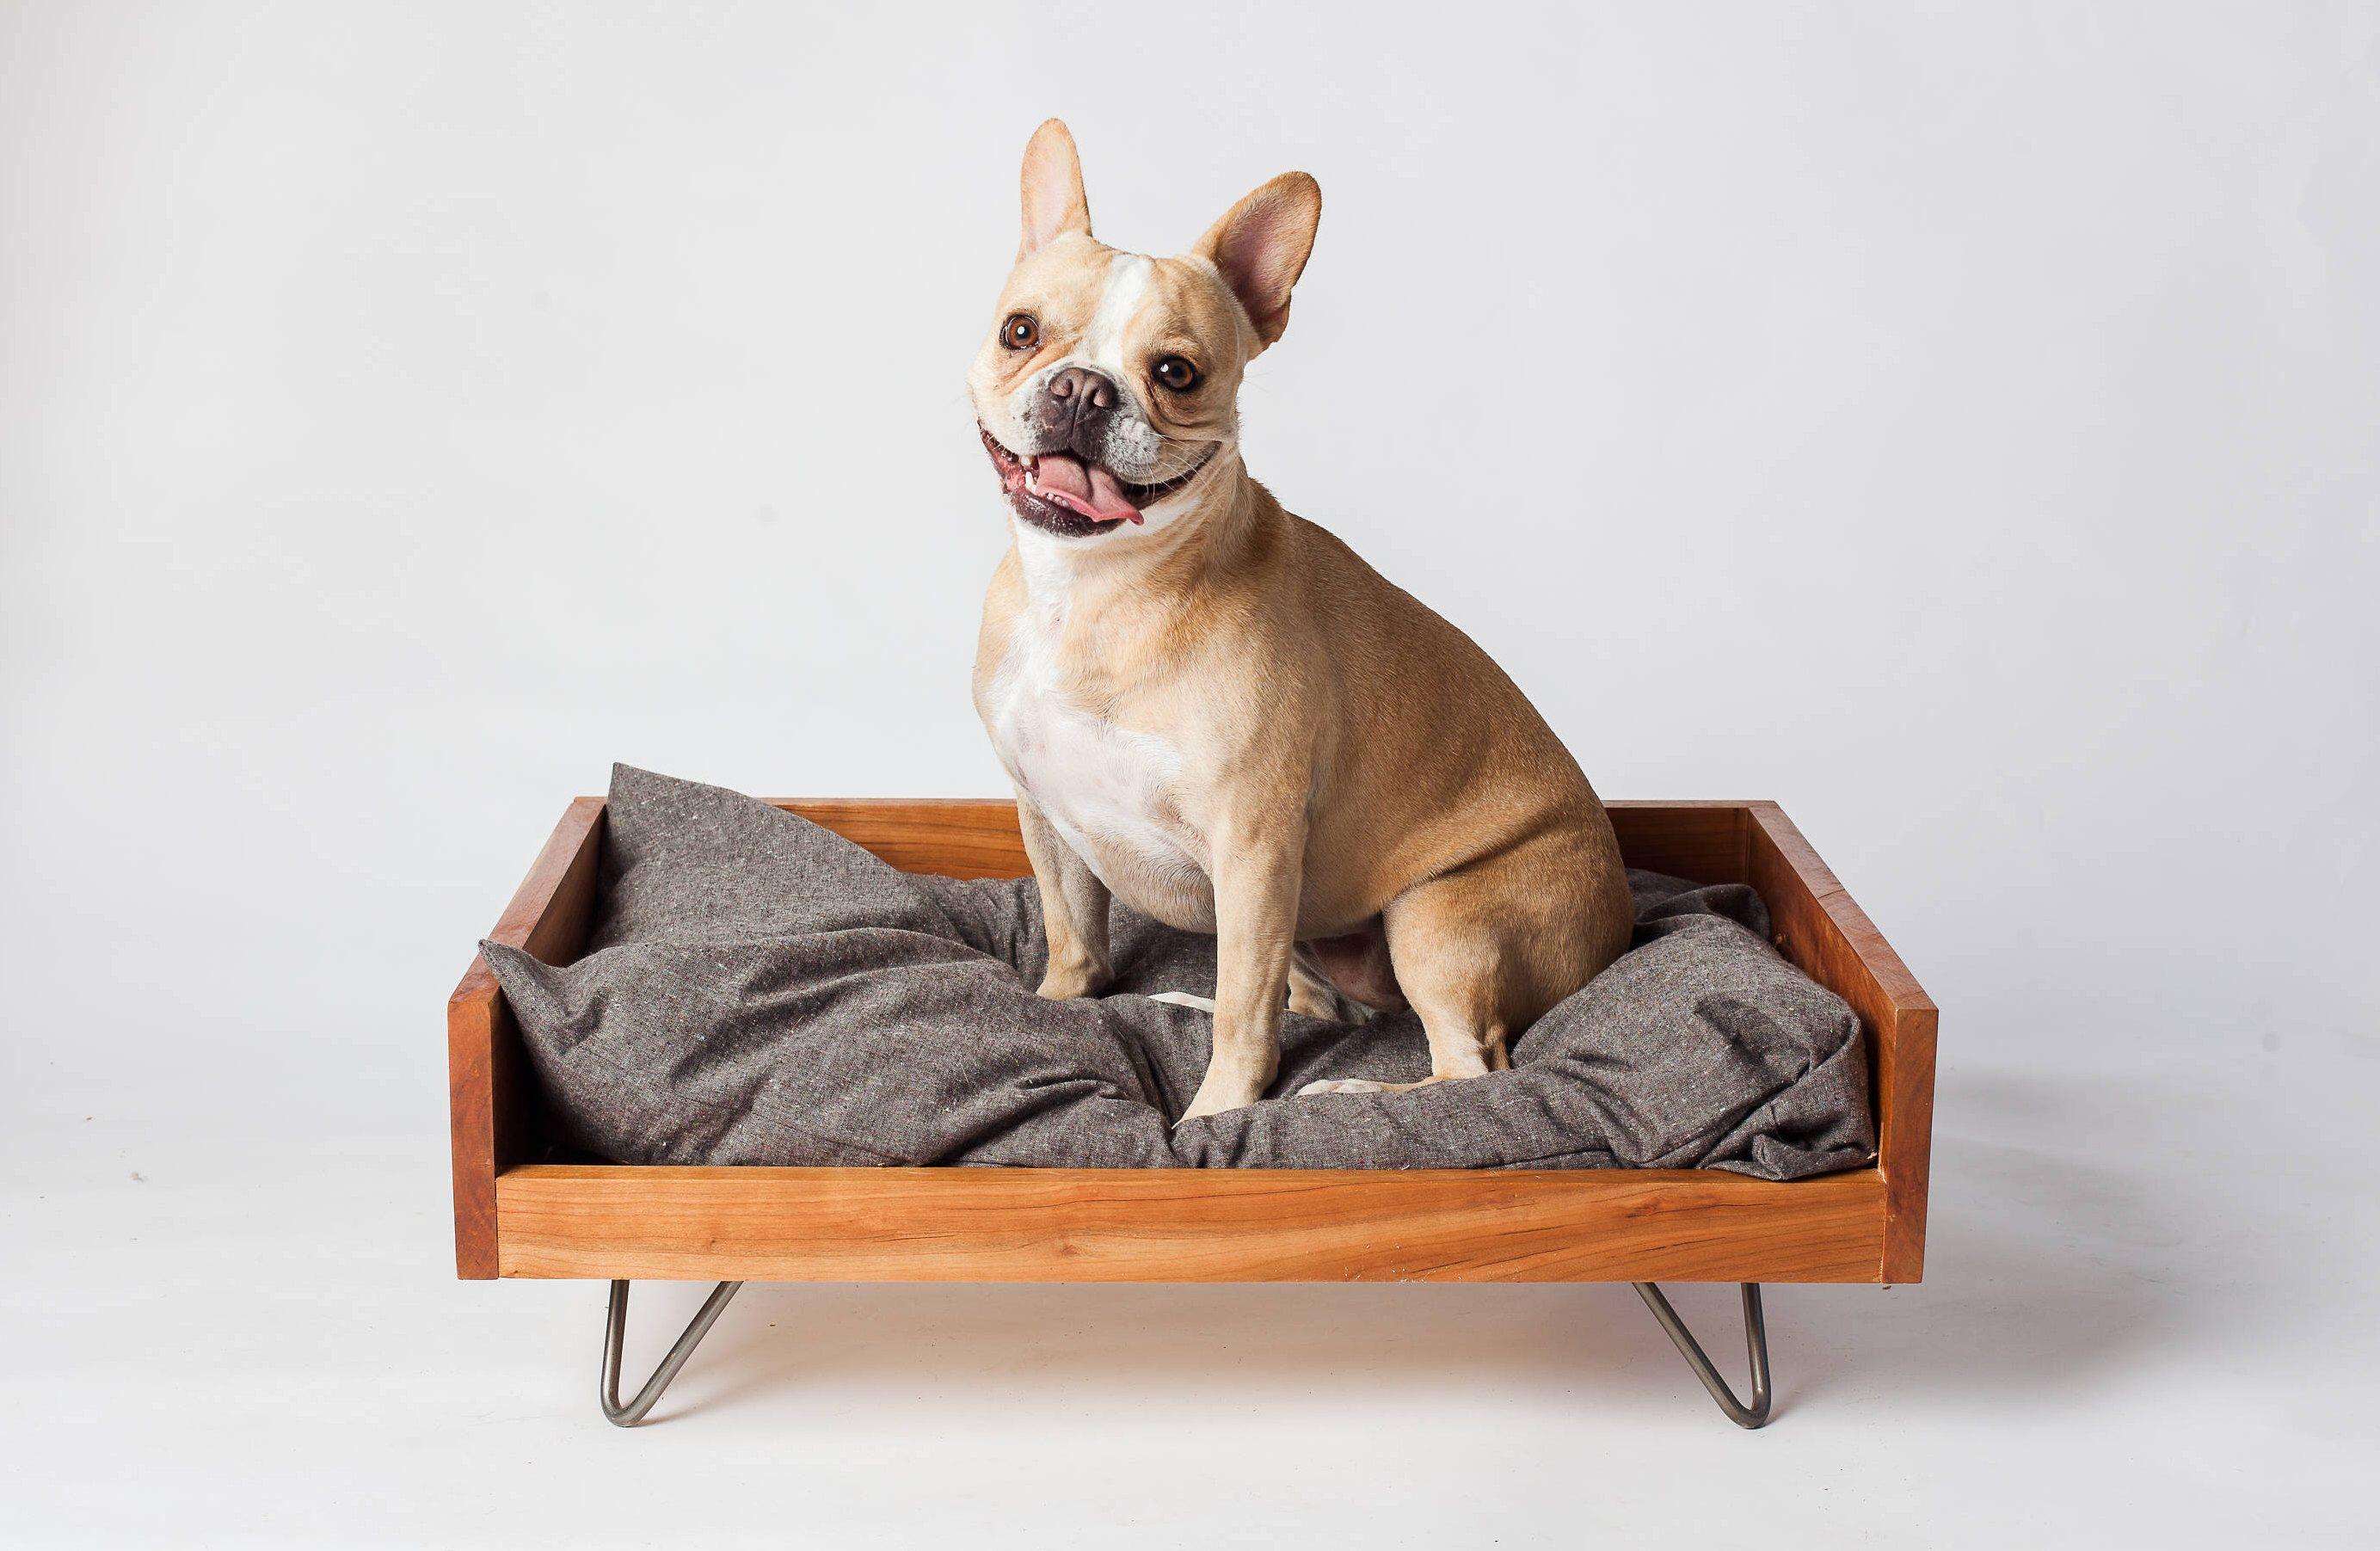 Custom Dog Furniture Raised Dog Bed Washable Dog Bed